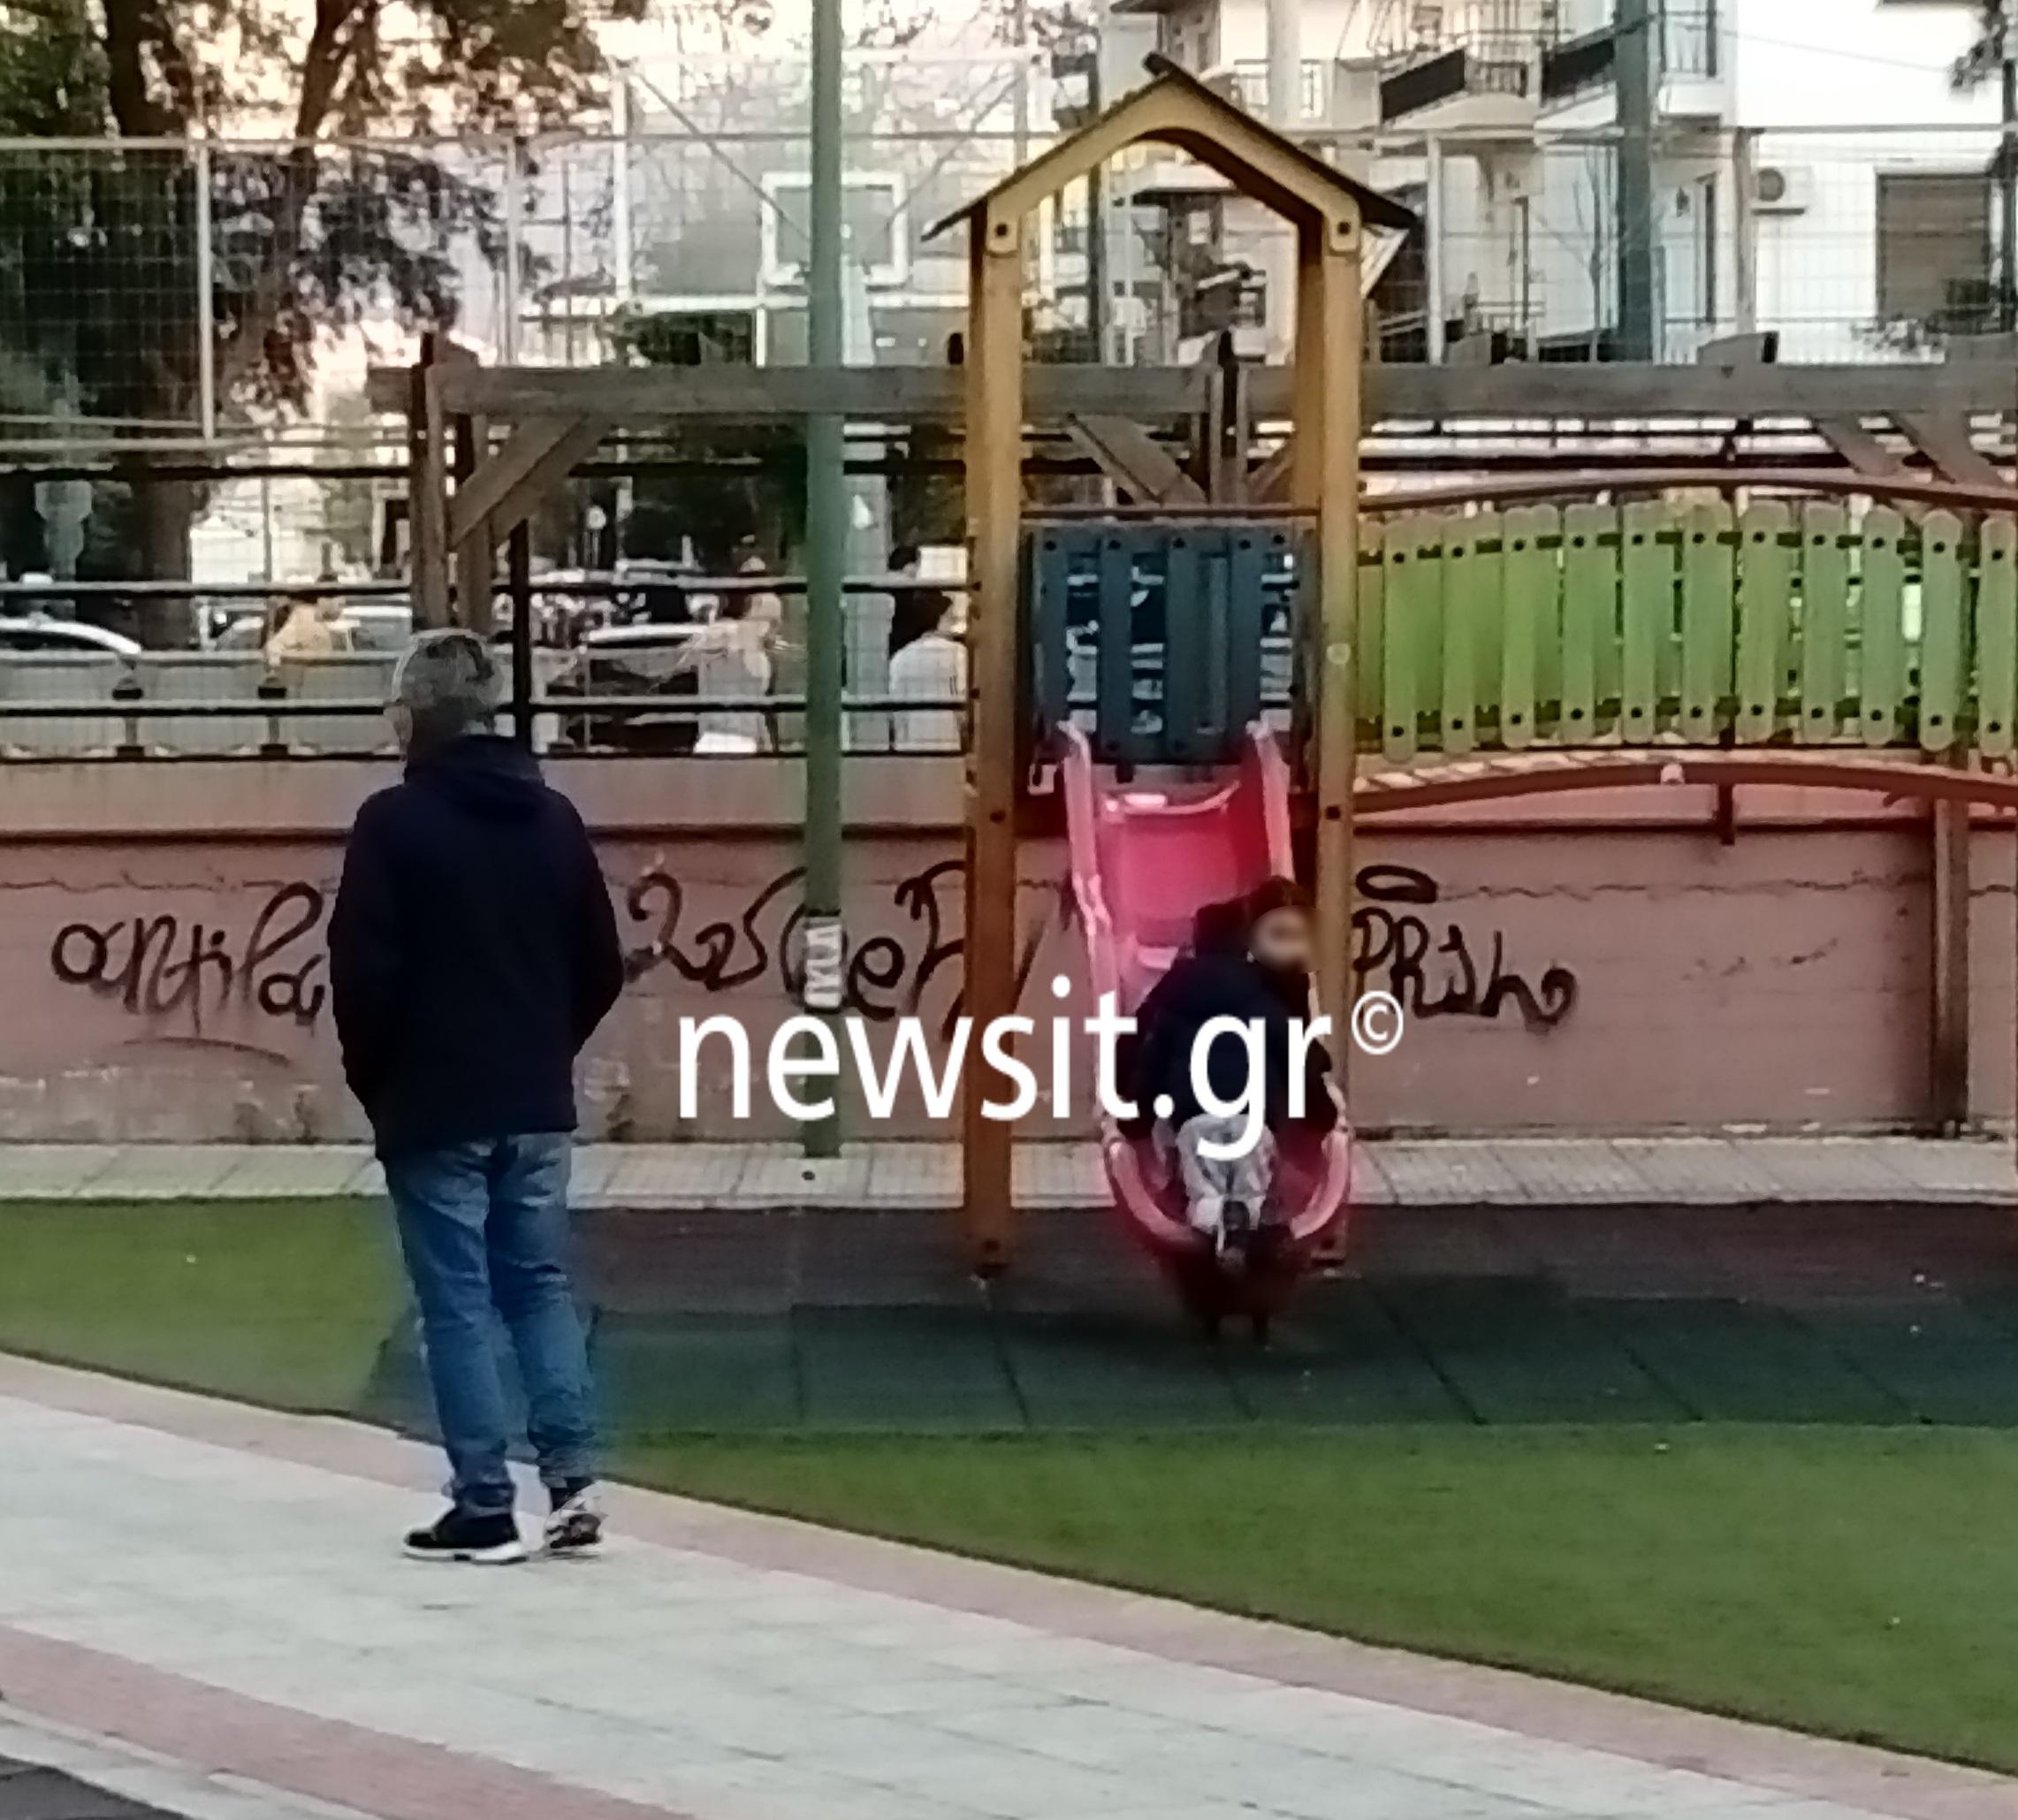 Κορονοϊός: Ποια πρόληψη; Μαθητές και γονείς έχουν ξεχυθεί σε πλατείες και παιδικές χαρές - Δείτε εικόνες.....